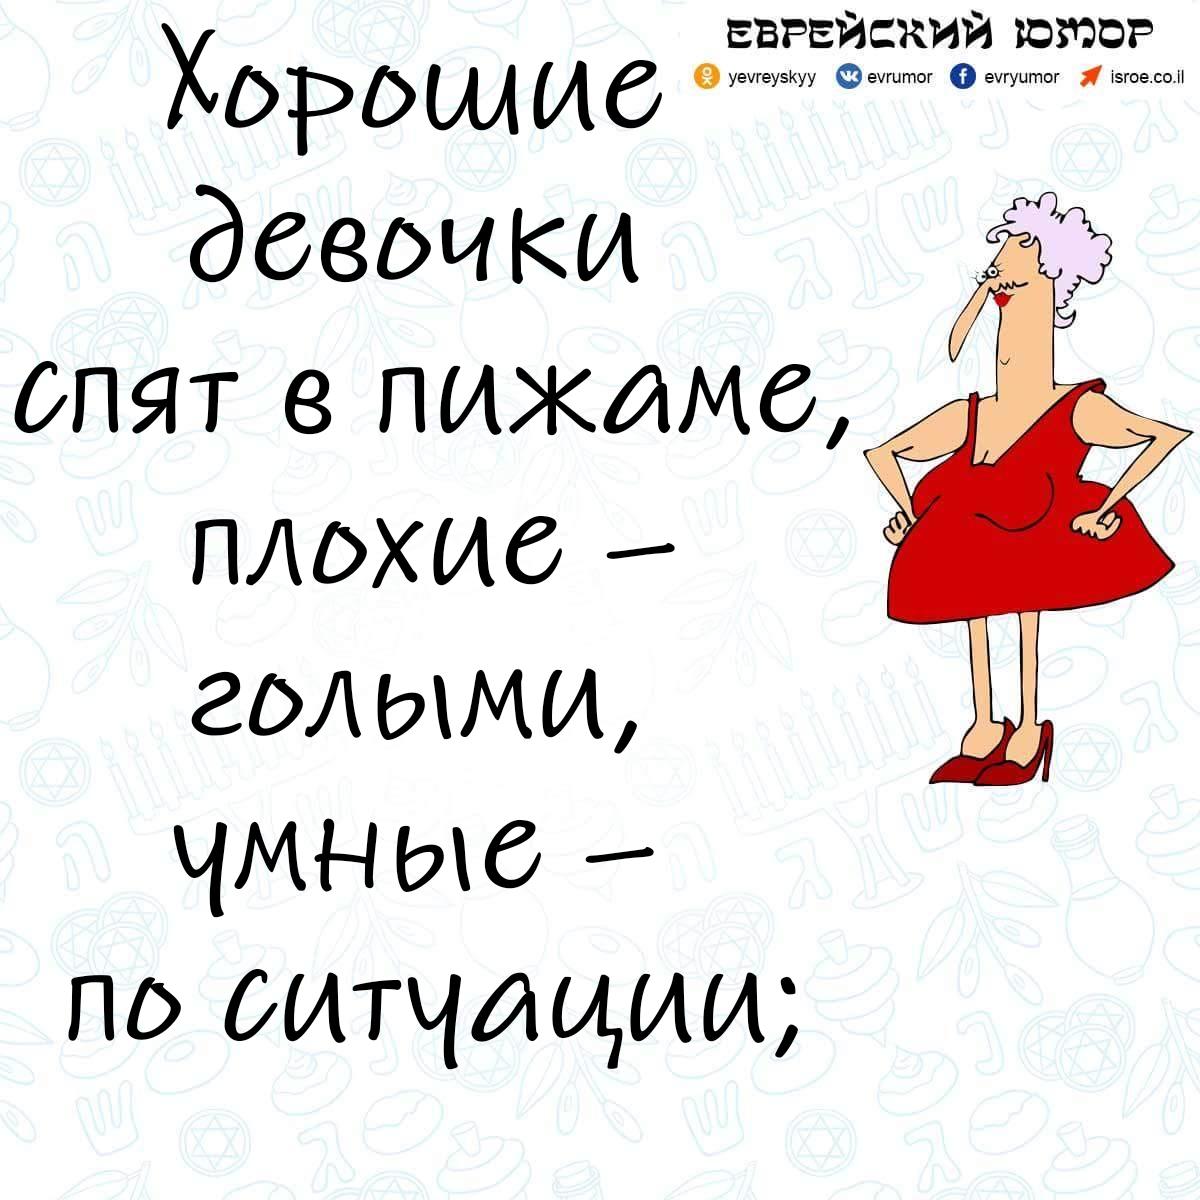 Еврейский юмор. Одесский анекдот. Хорошие...